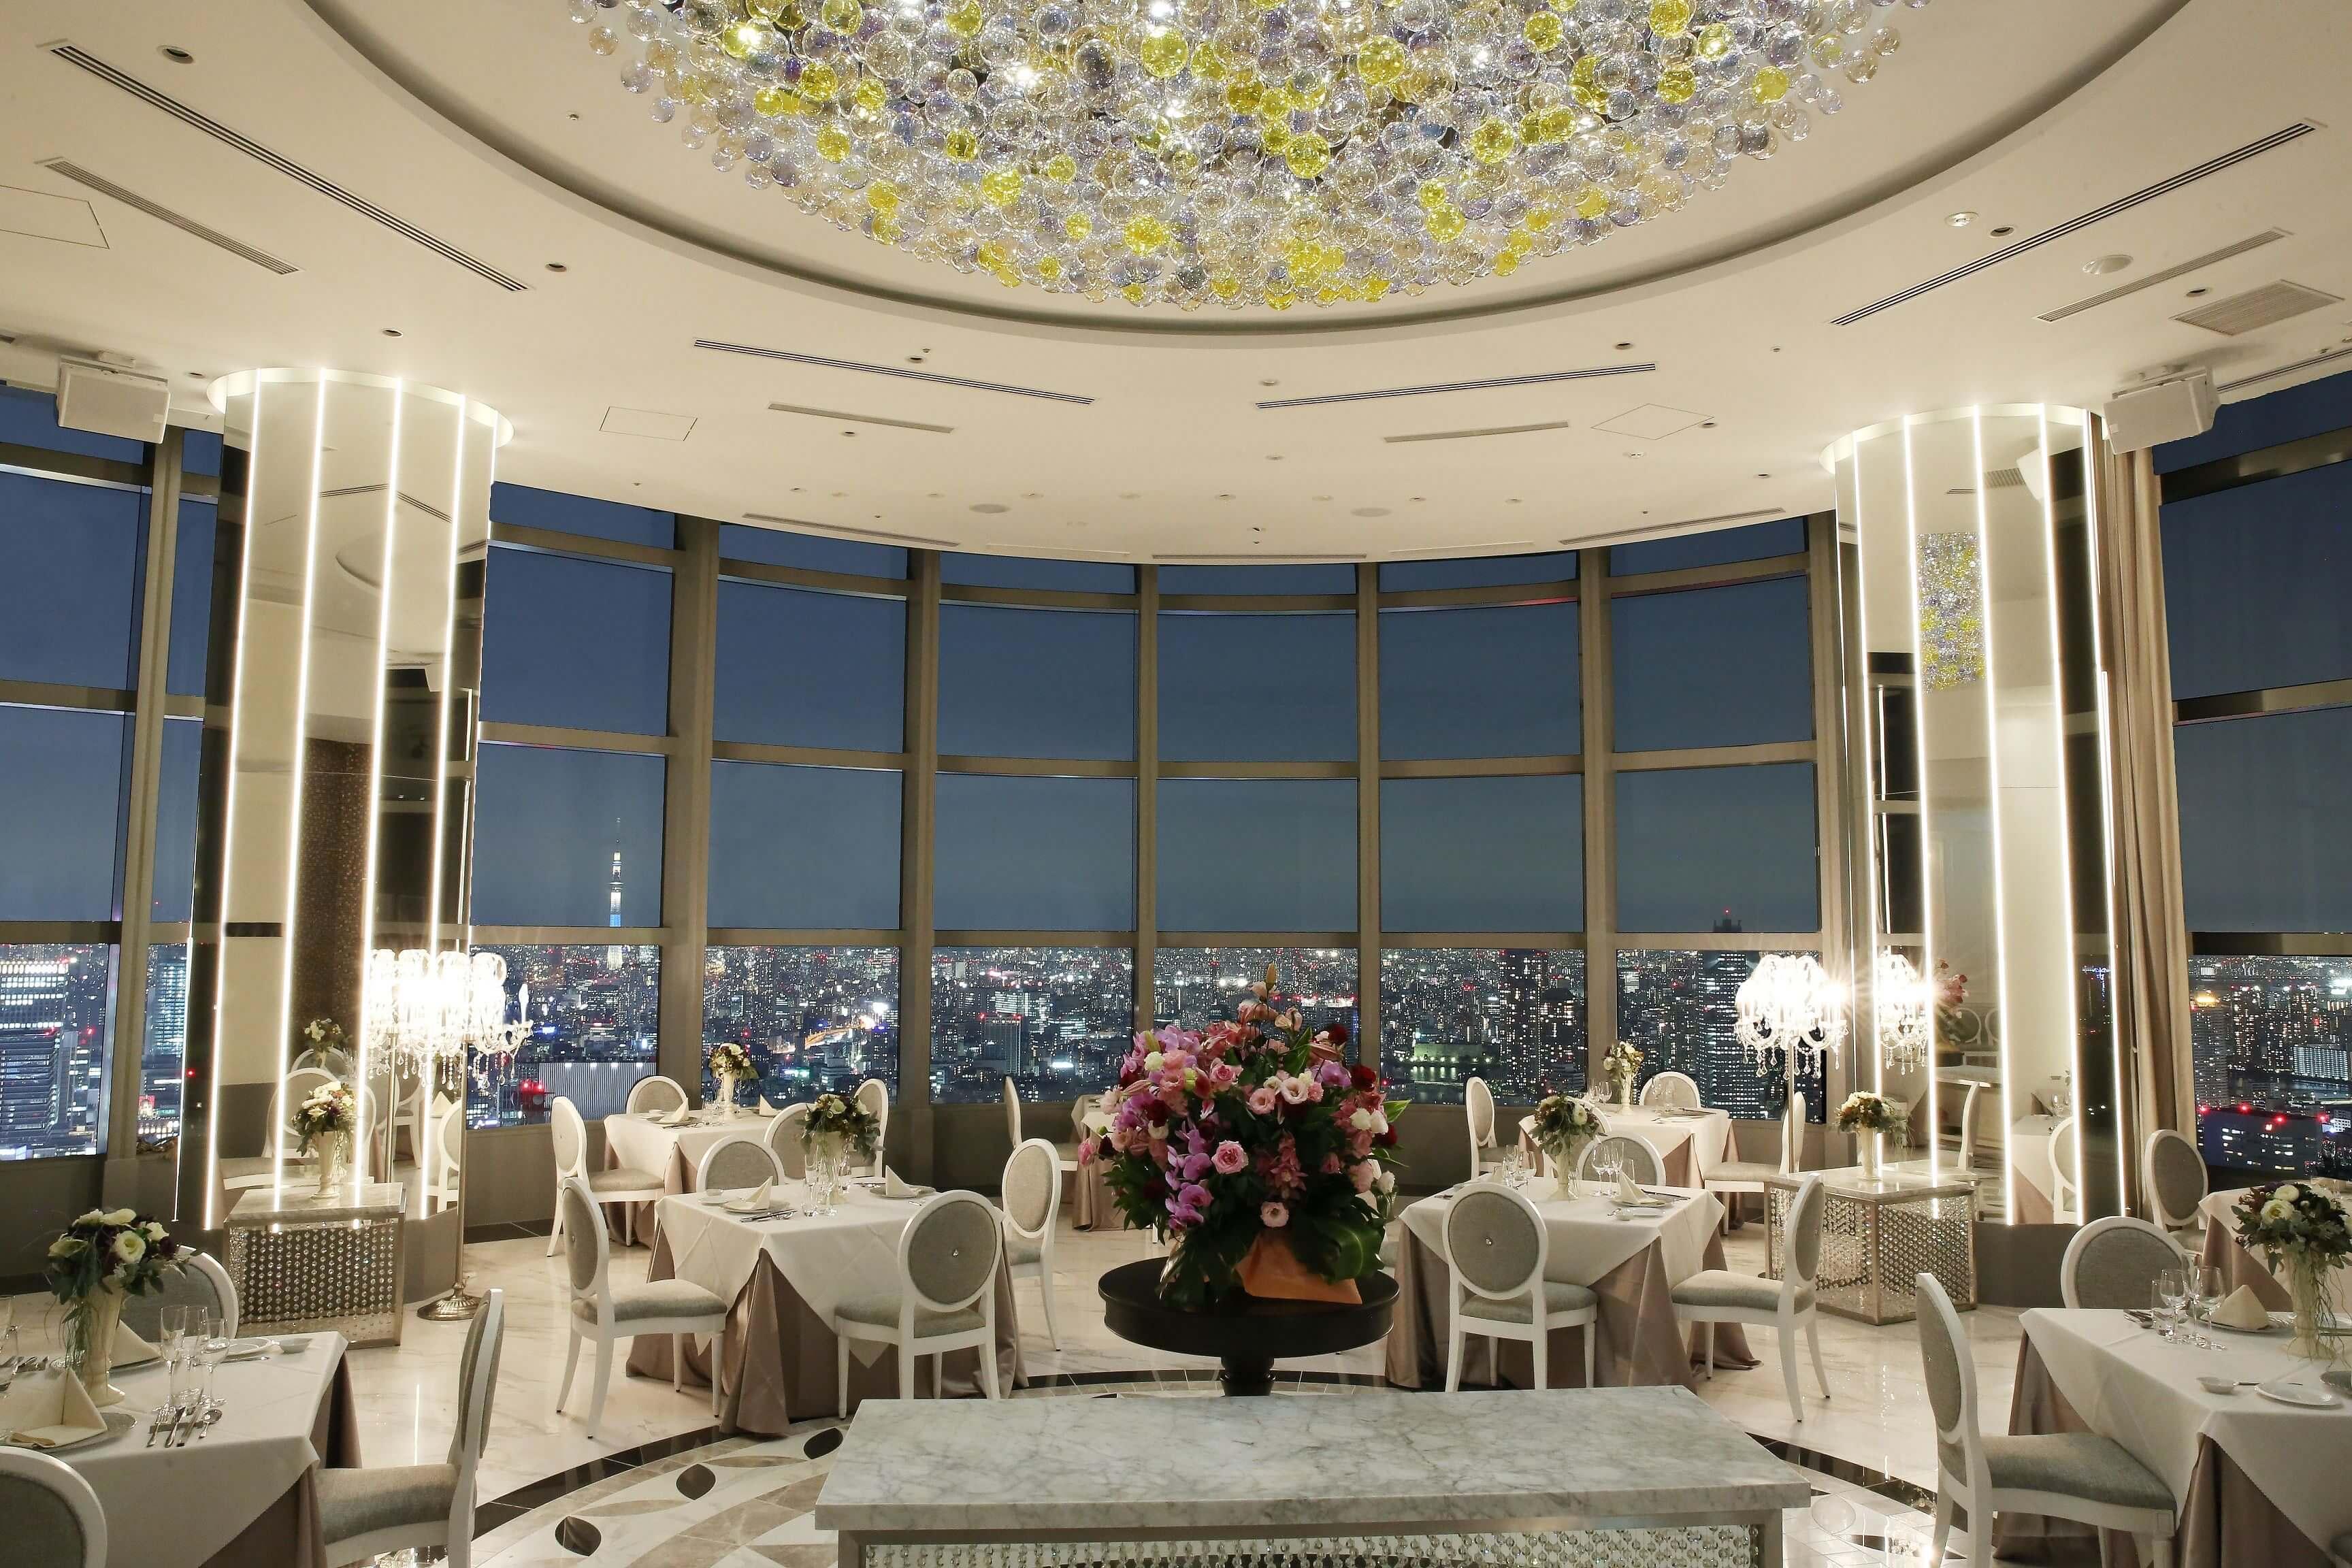 可以享受到最寬270度的景觀餐廳「HORIZON TOKYO」於汐留盛大開幕 汐留_、餐廳、